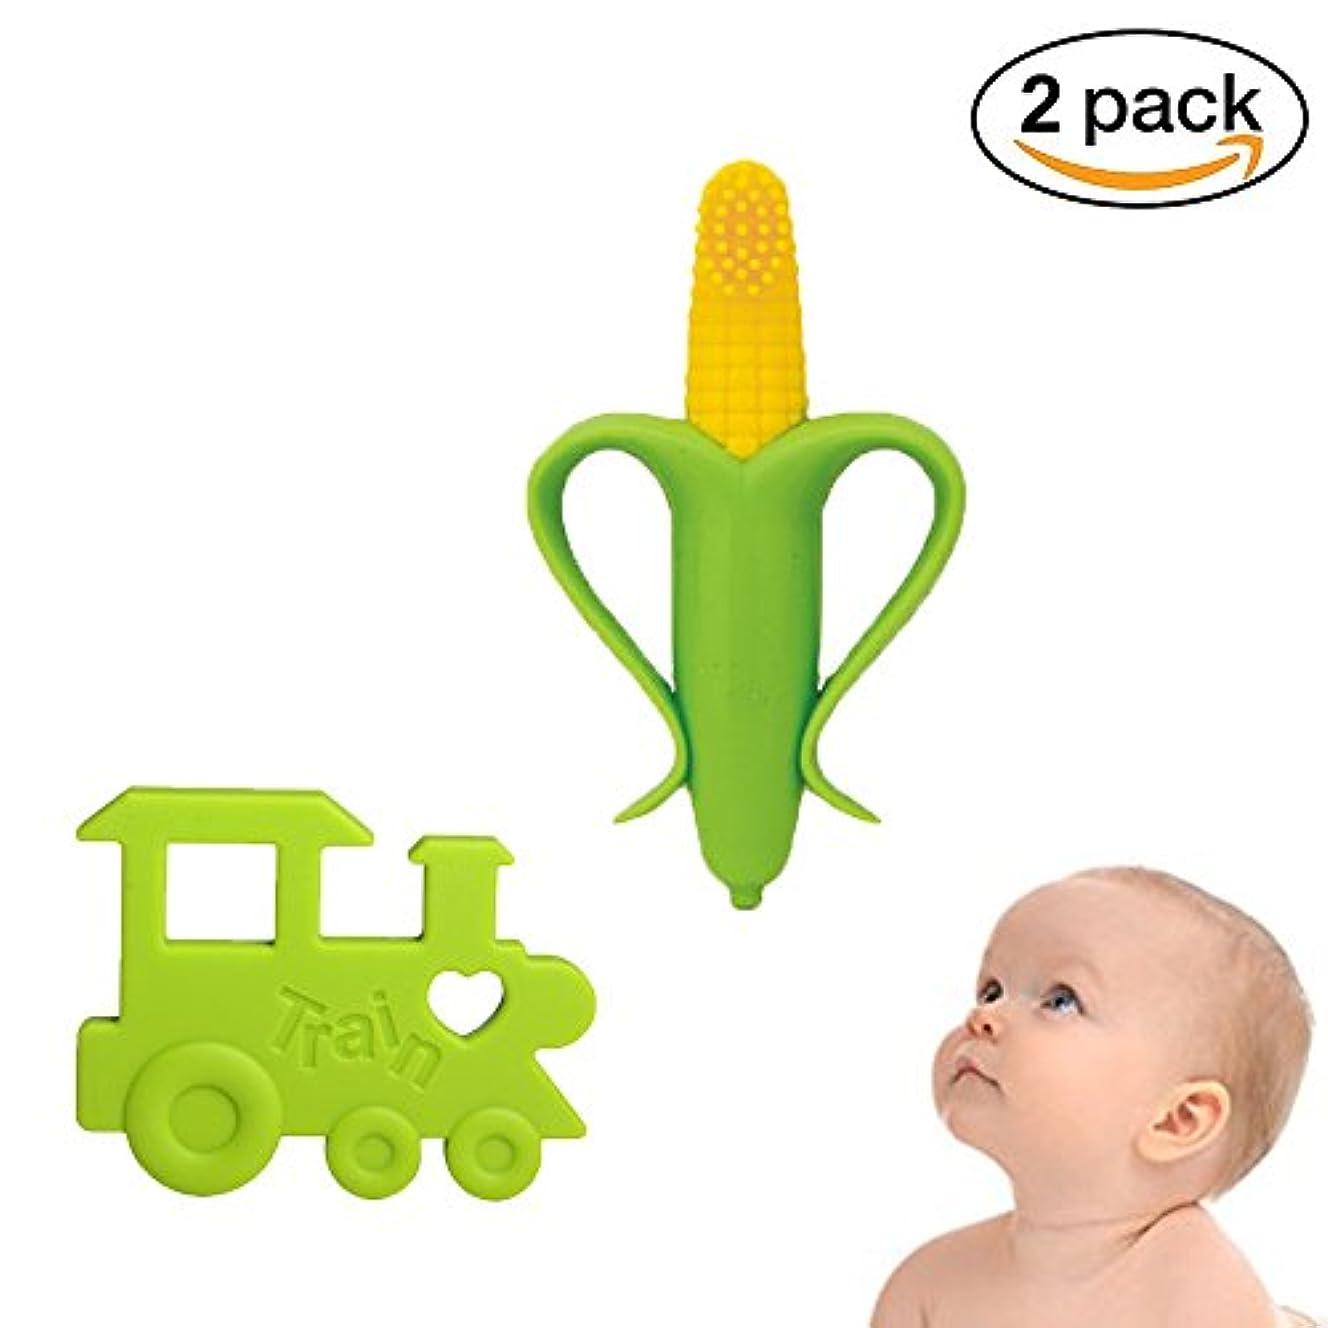 操作助けて酸化物電車チュアブル歯が生える玩具、痛み歯茎の痛みを軽減、BPAフリーでINCHANT赤ちゃんシリコーントレーニング歯ブラシやおしゃぶり